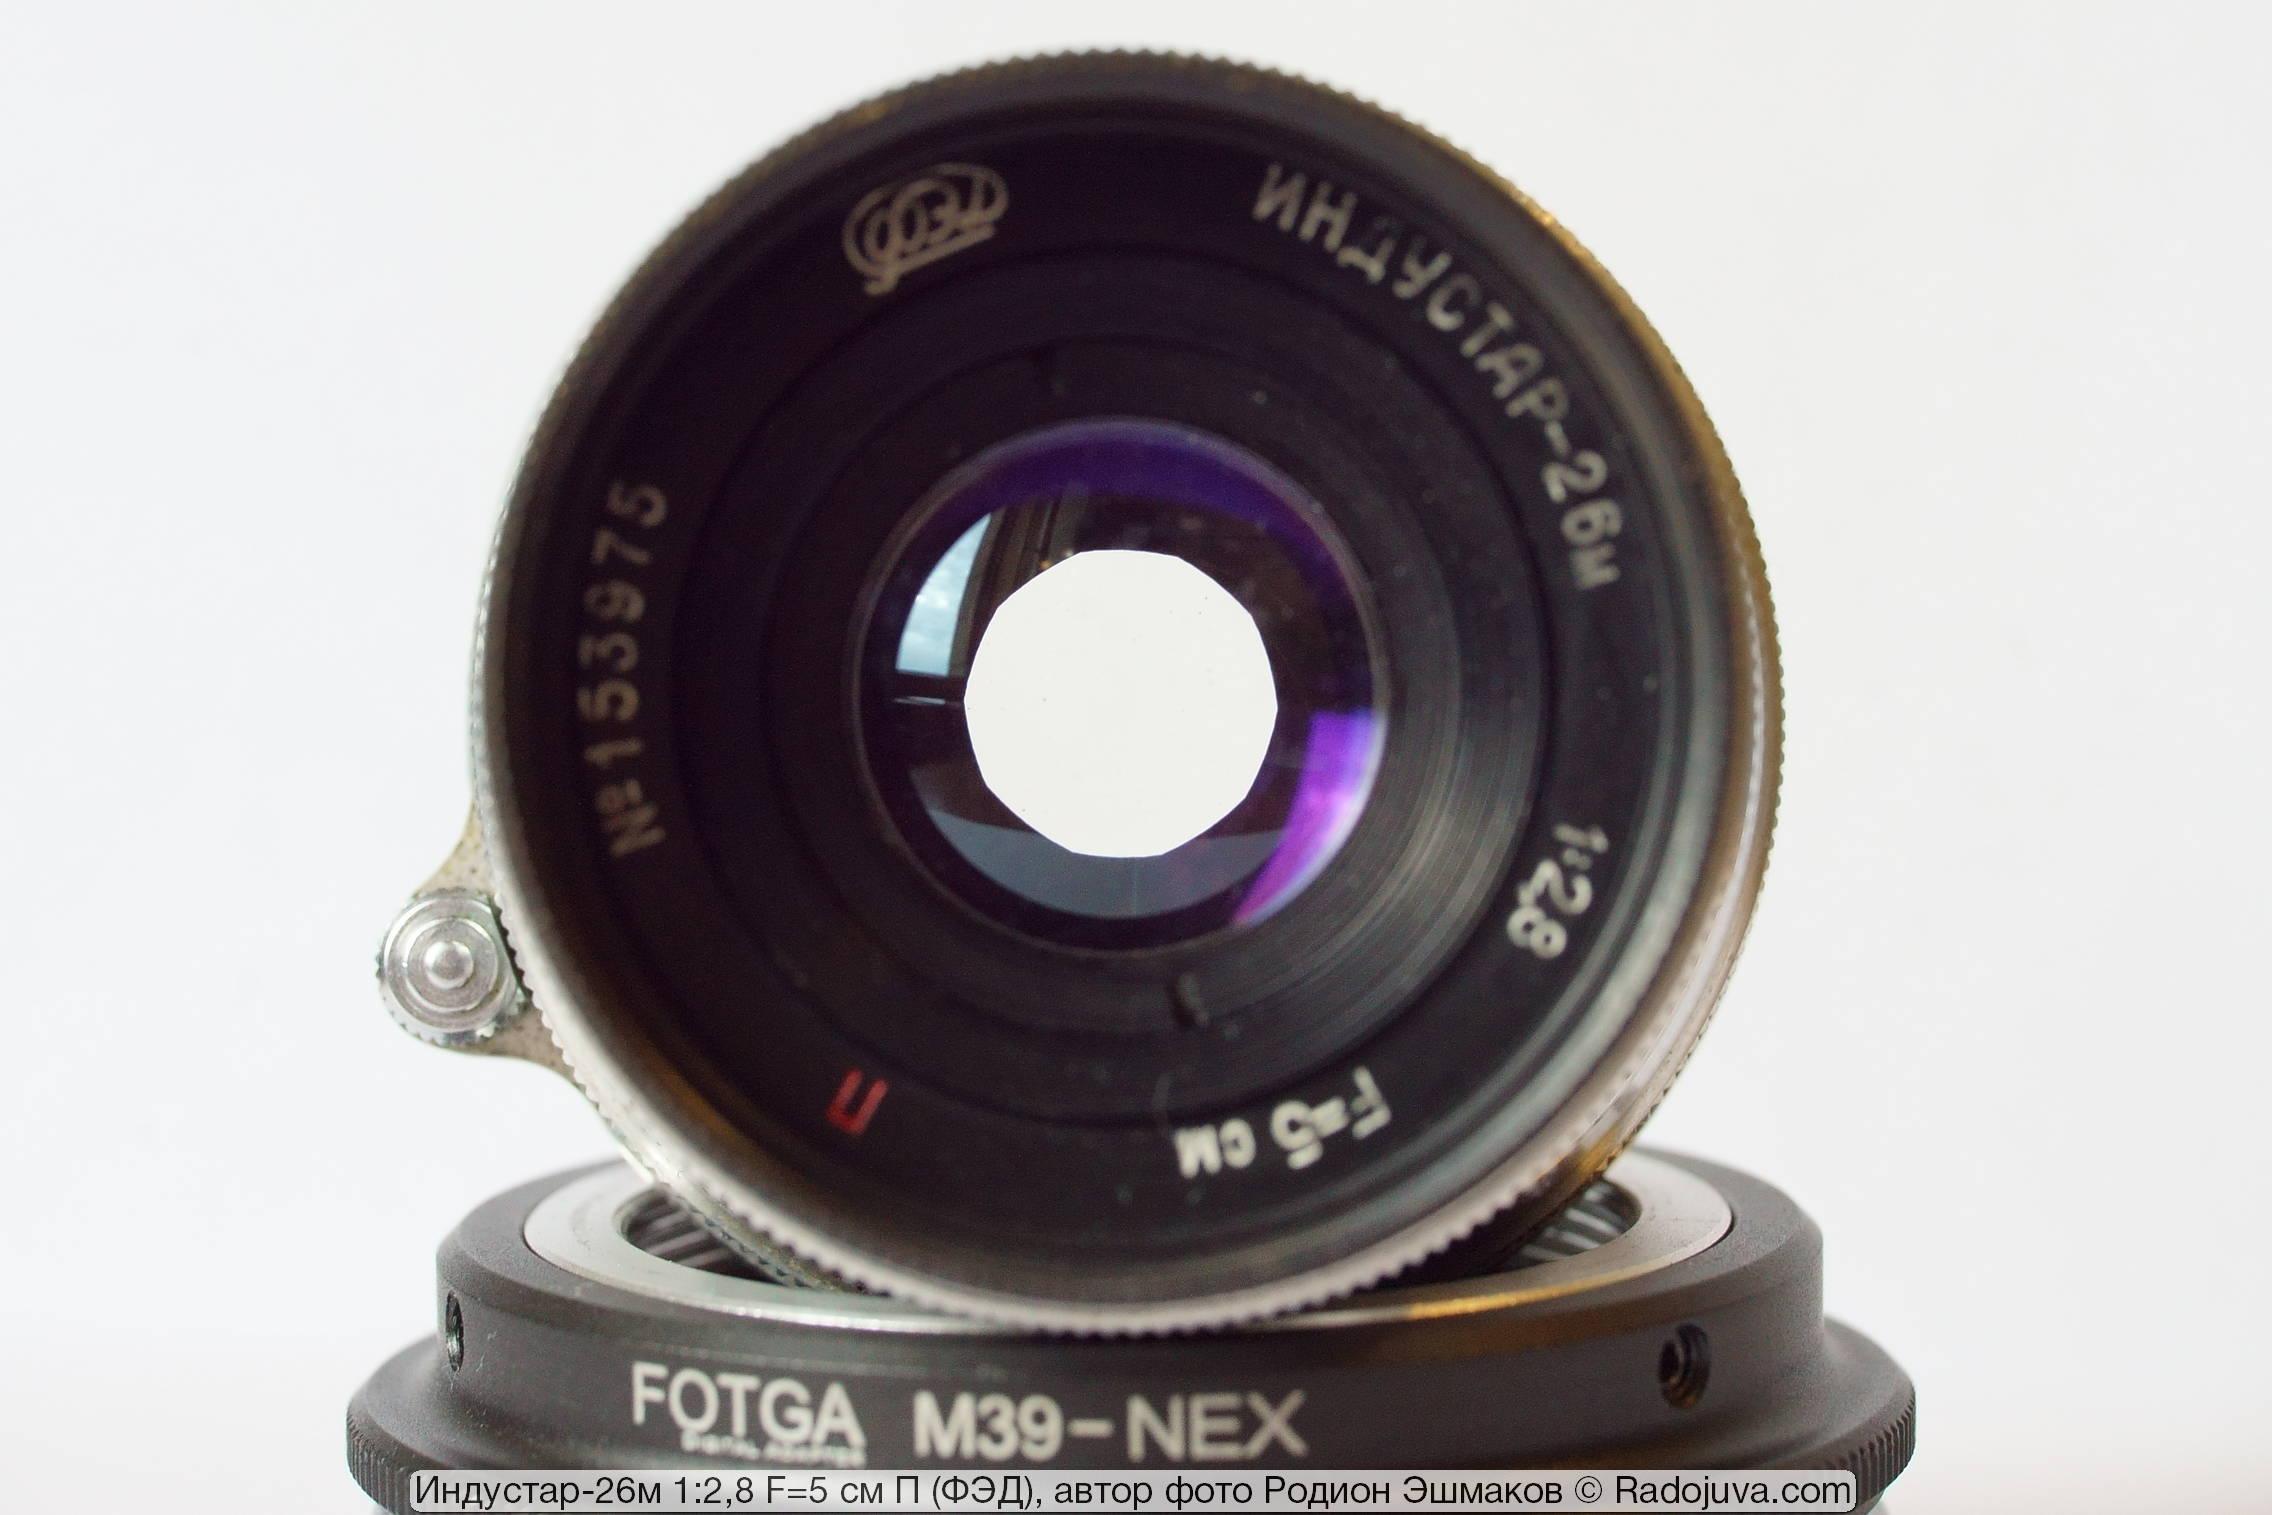 Вид входного зрачка объектива при прикрытой диафрагме.